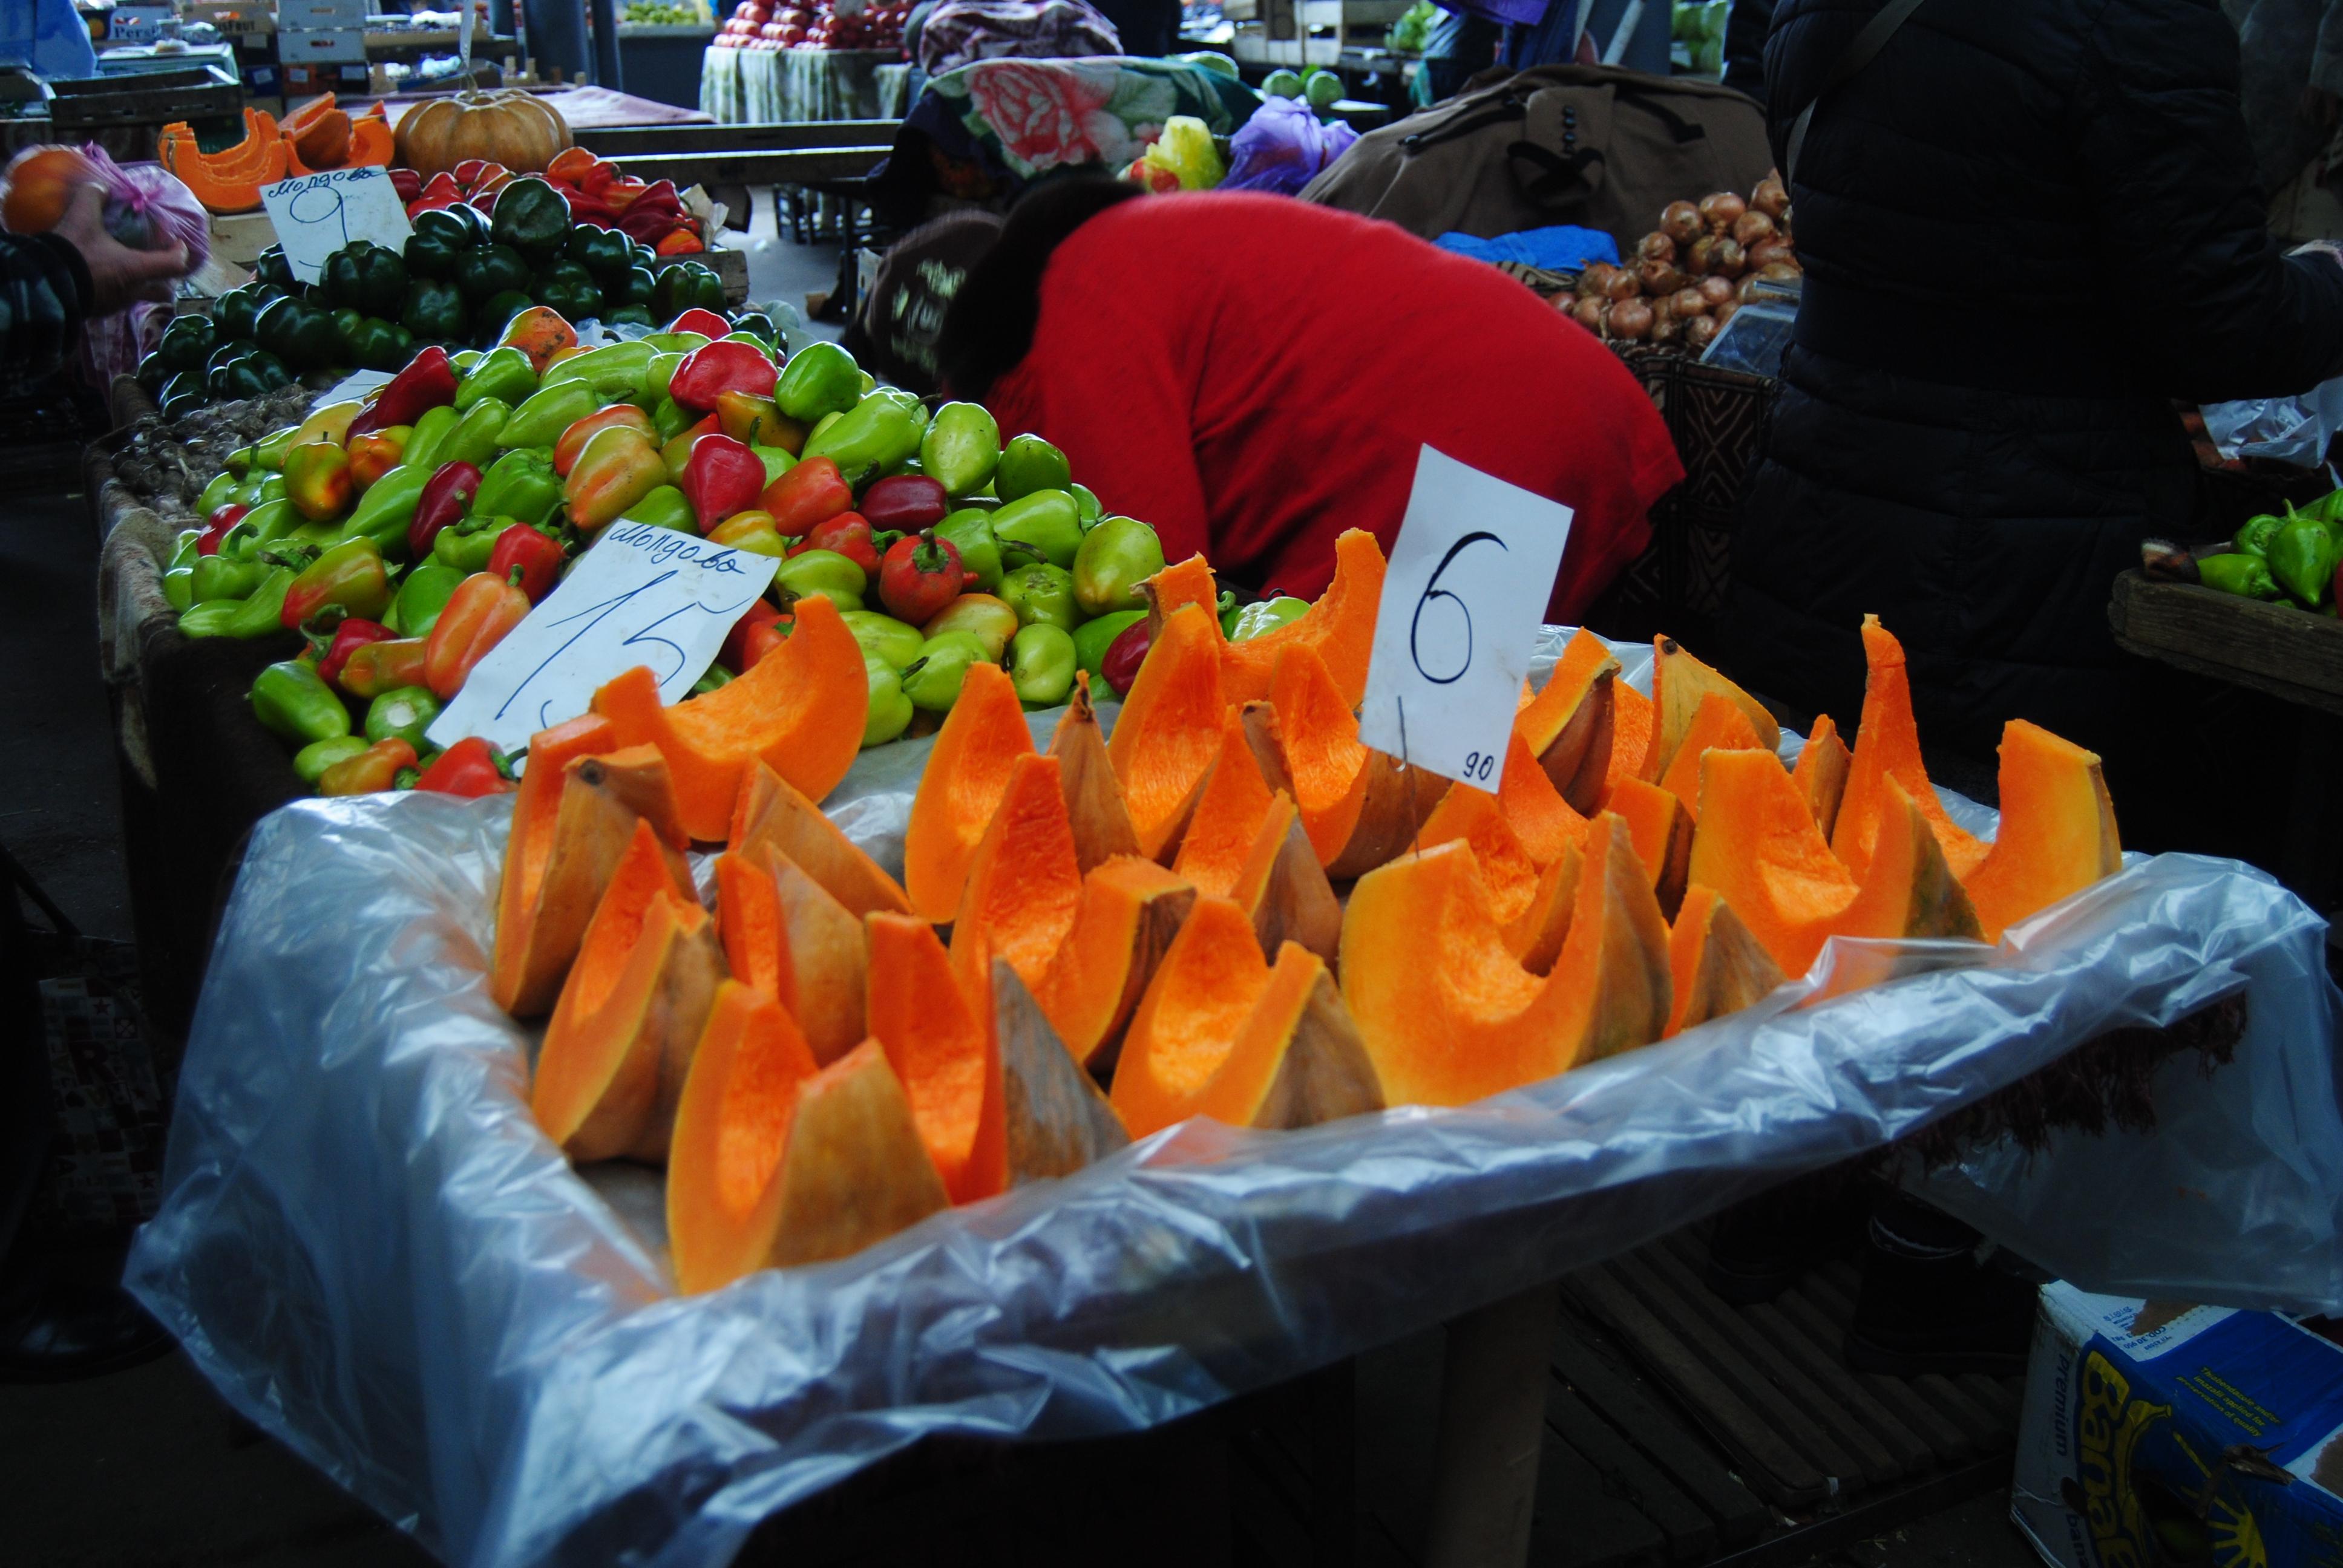 Mercado de fruta fresca en Chisinau